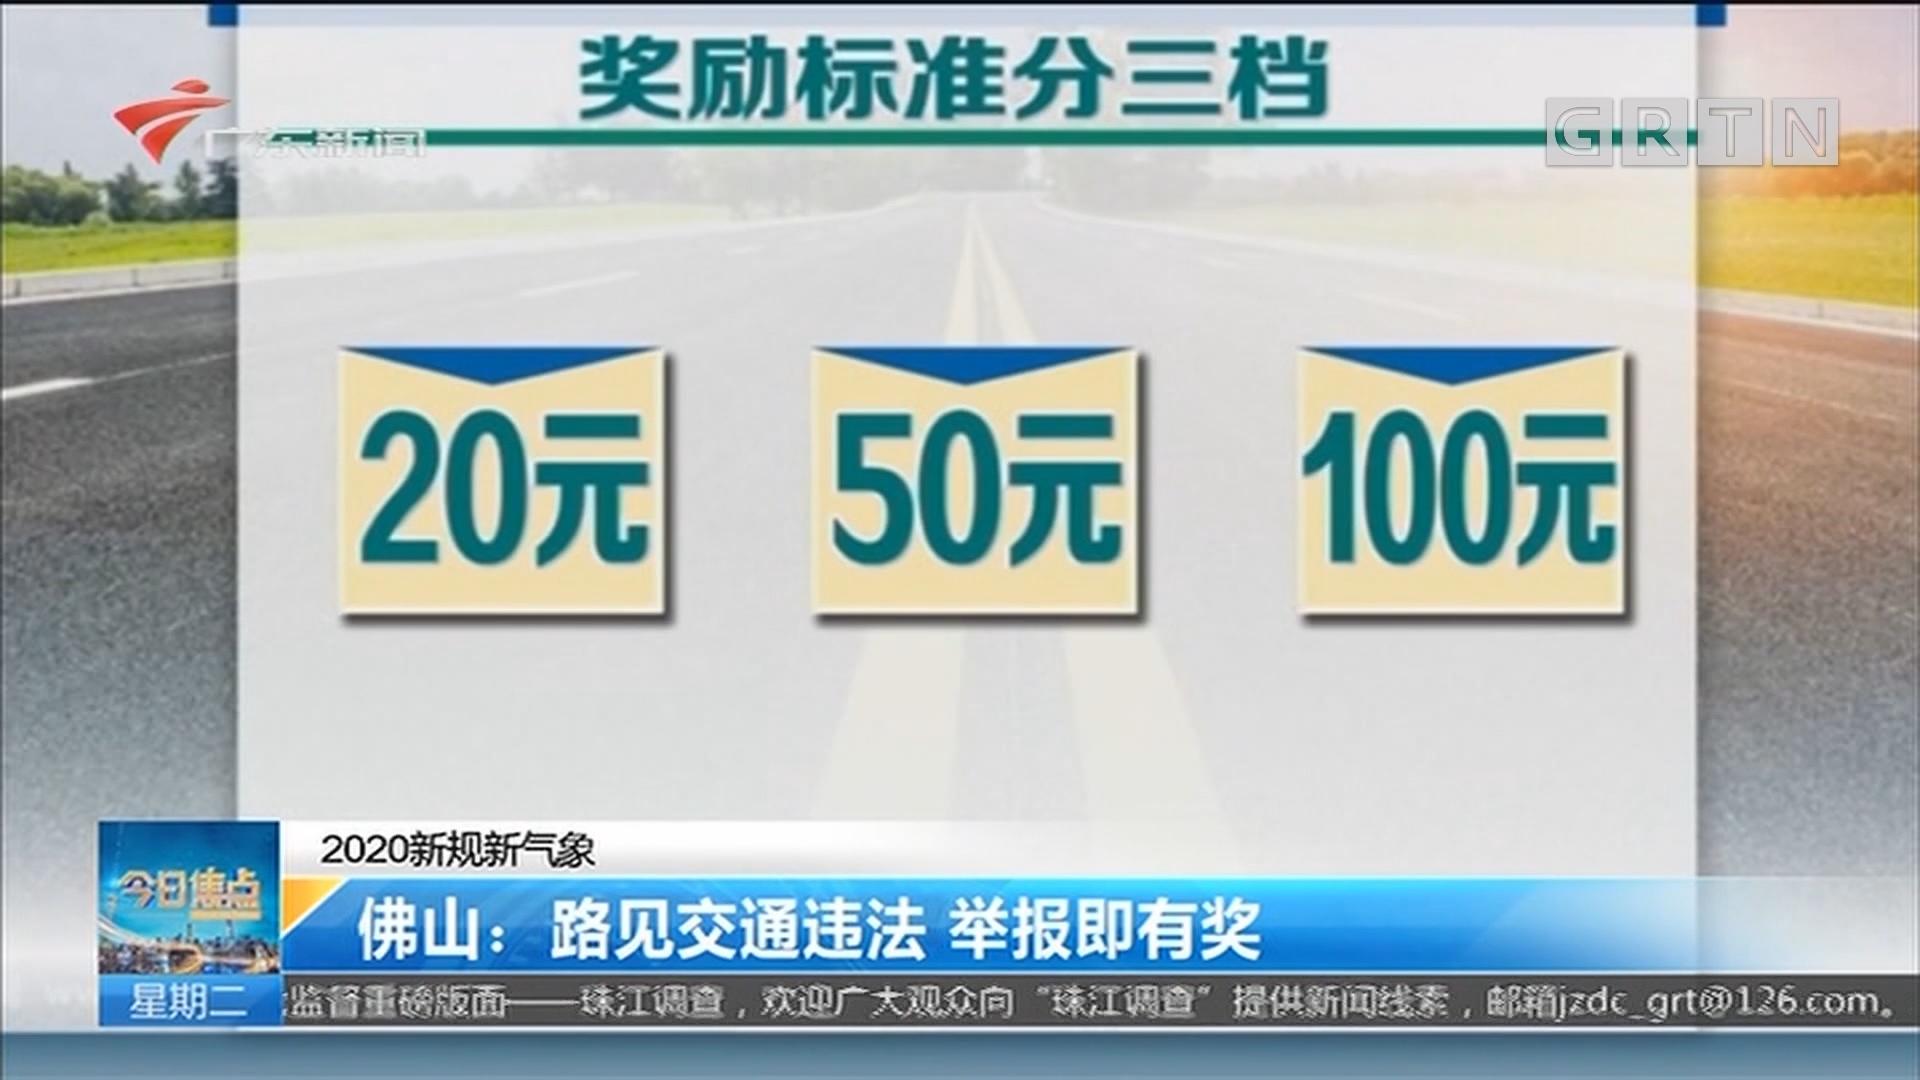 2020新规新气象 佛山:路见交通违法 举报即有奖